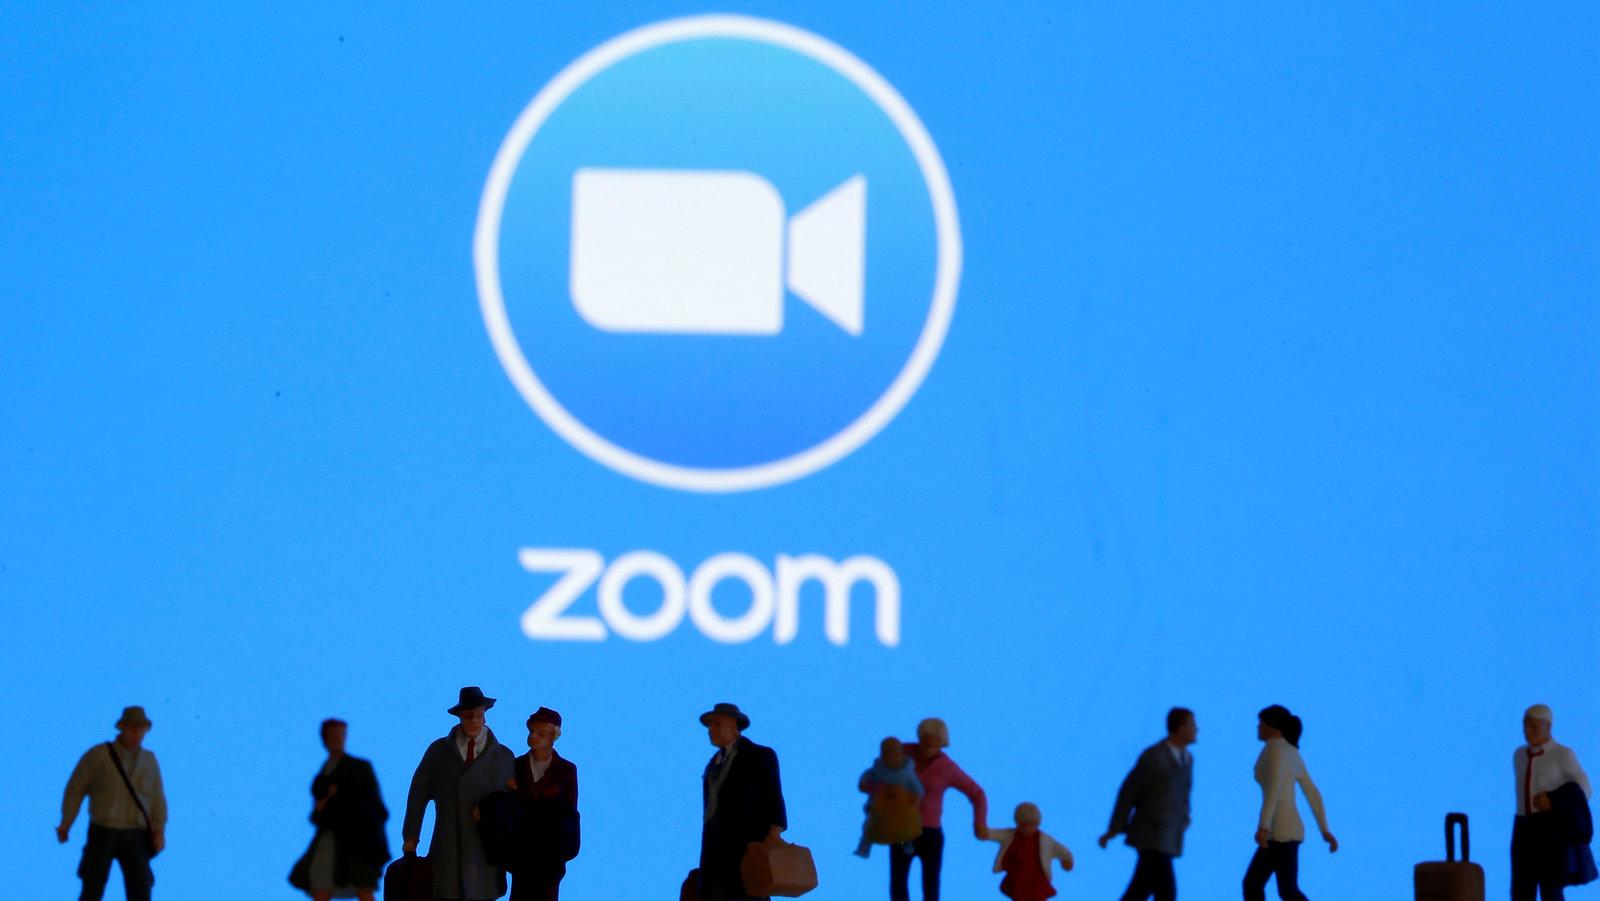 طريقة تسجيل المحاضرات او الاجتماعات عليZOOM ومشاهدتها في اي وقت